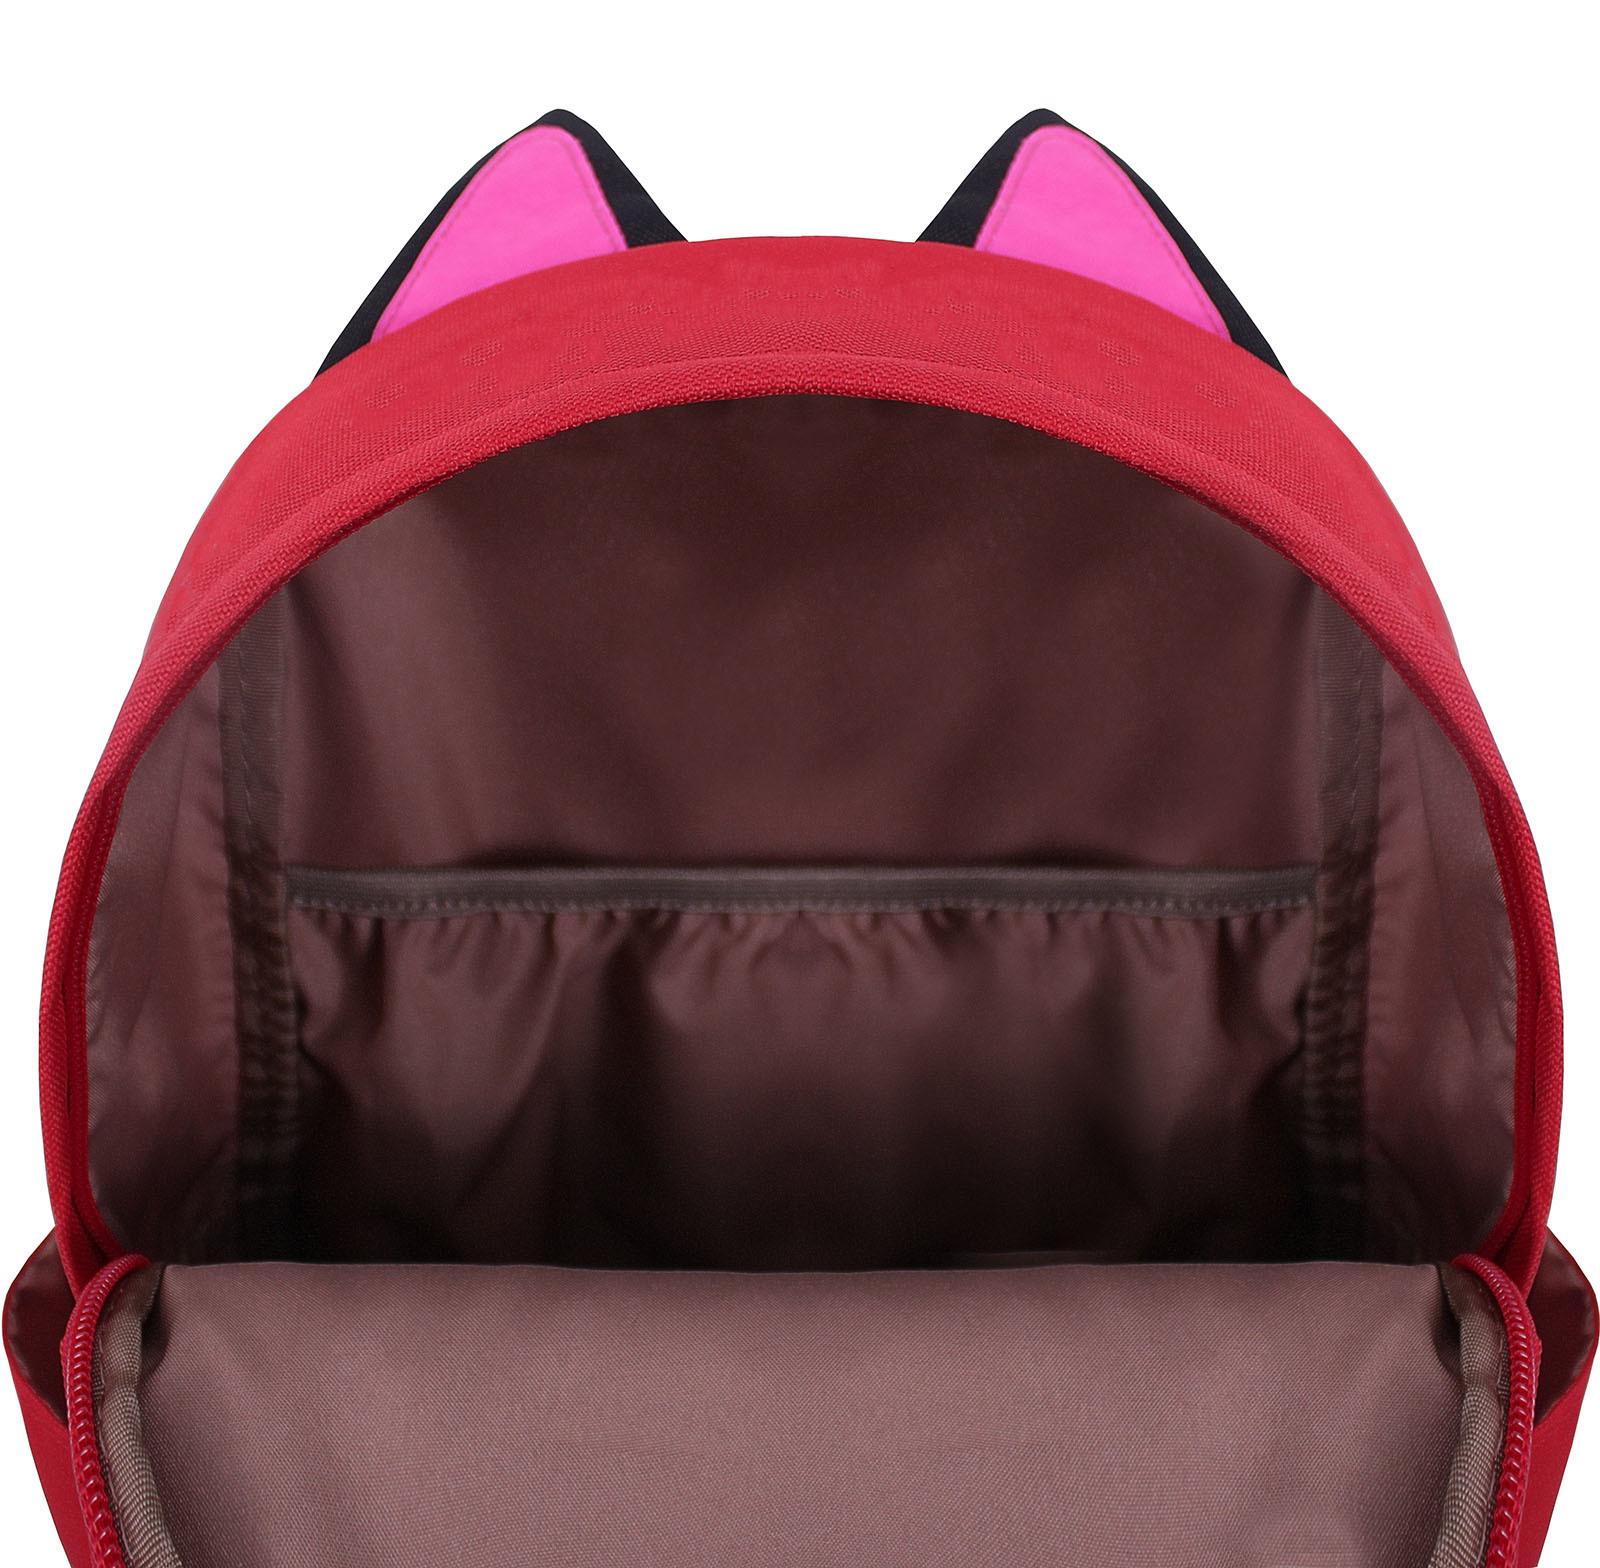 Рюкзак Bagland Ears красный (0054566) фото 4